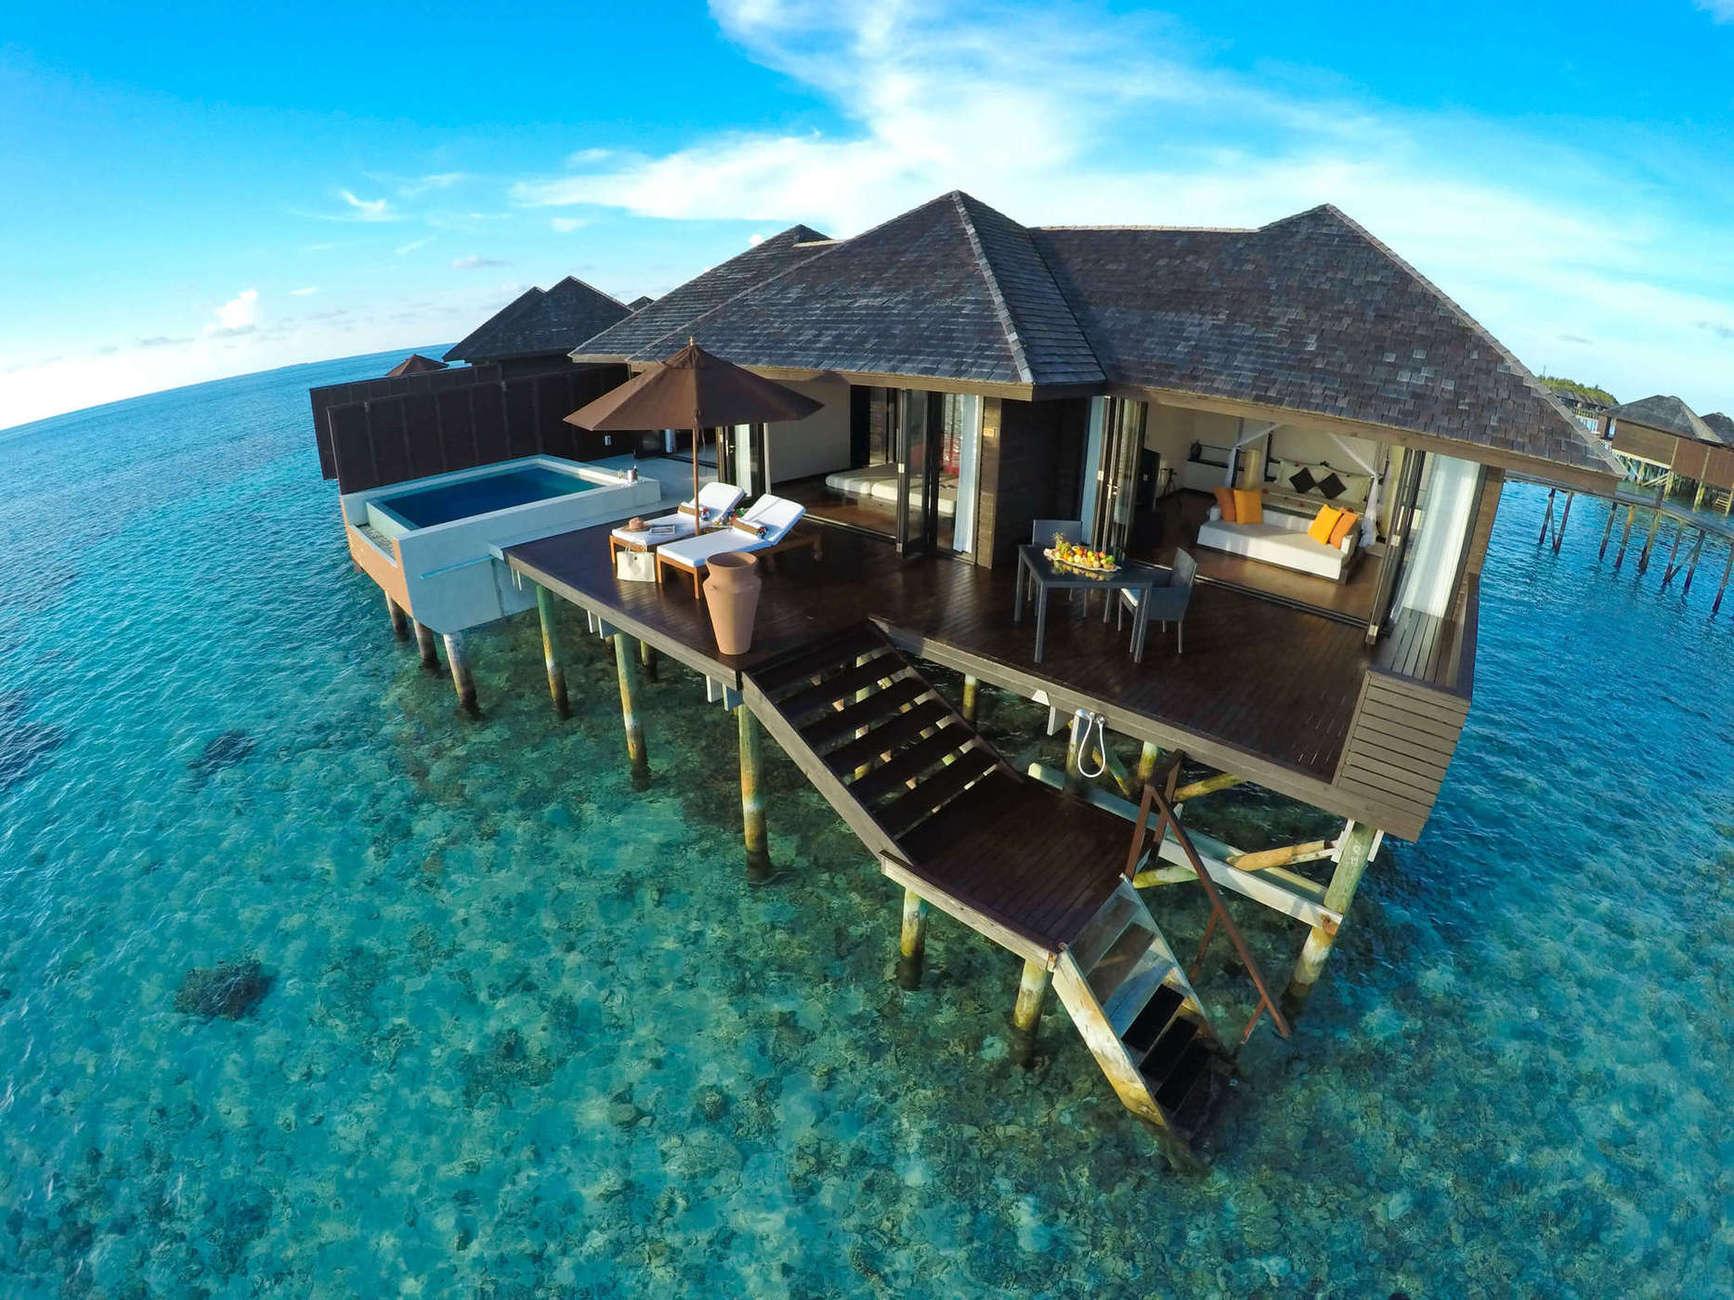 Новые виллы Beach Suite, Beach Suite with Pool, Beach Residence, которые открыли свои двери для гостей в ноябре 2019